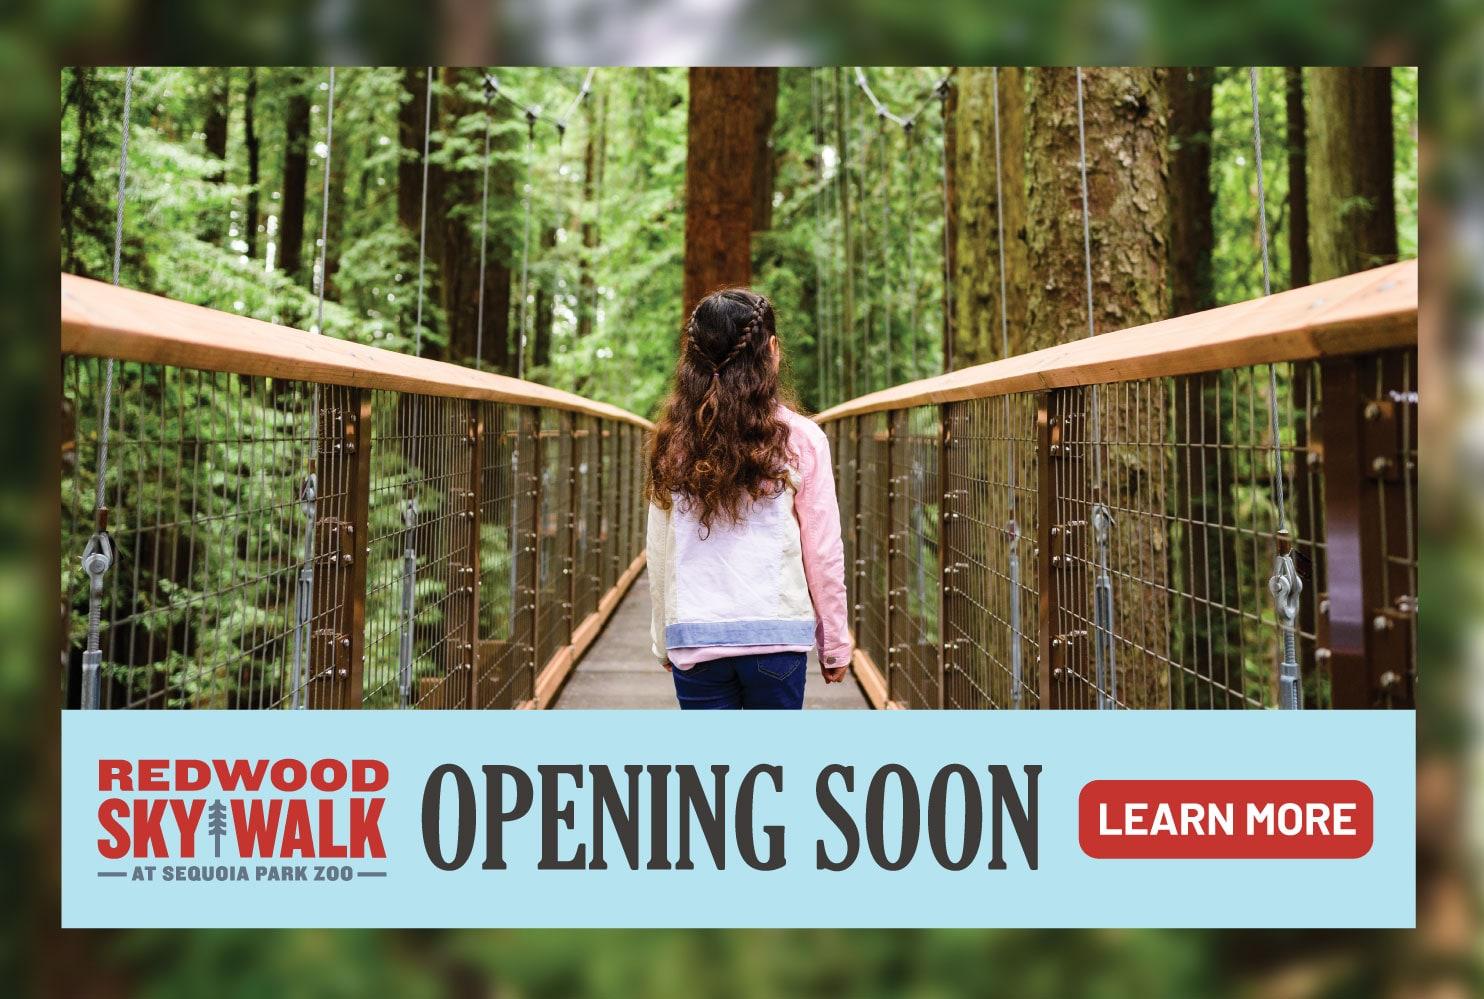 redwood skywalk opening soon